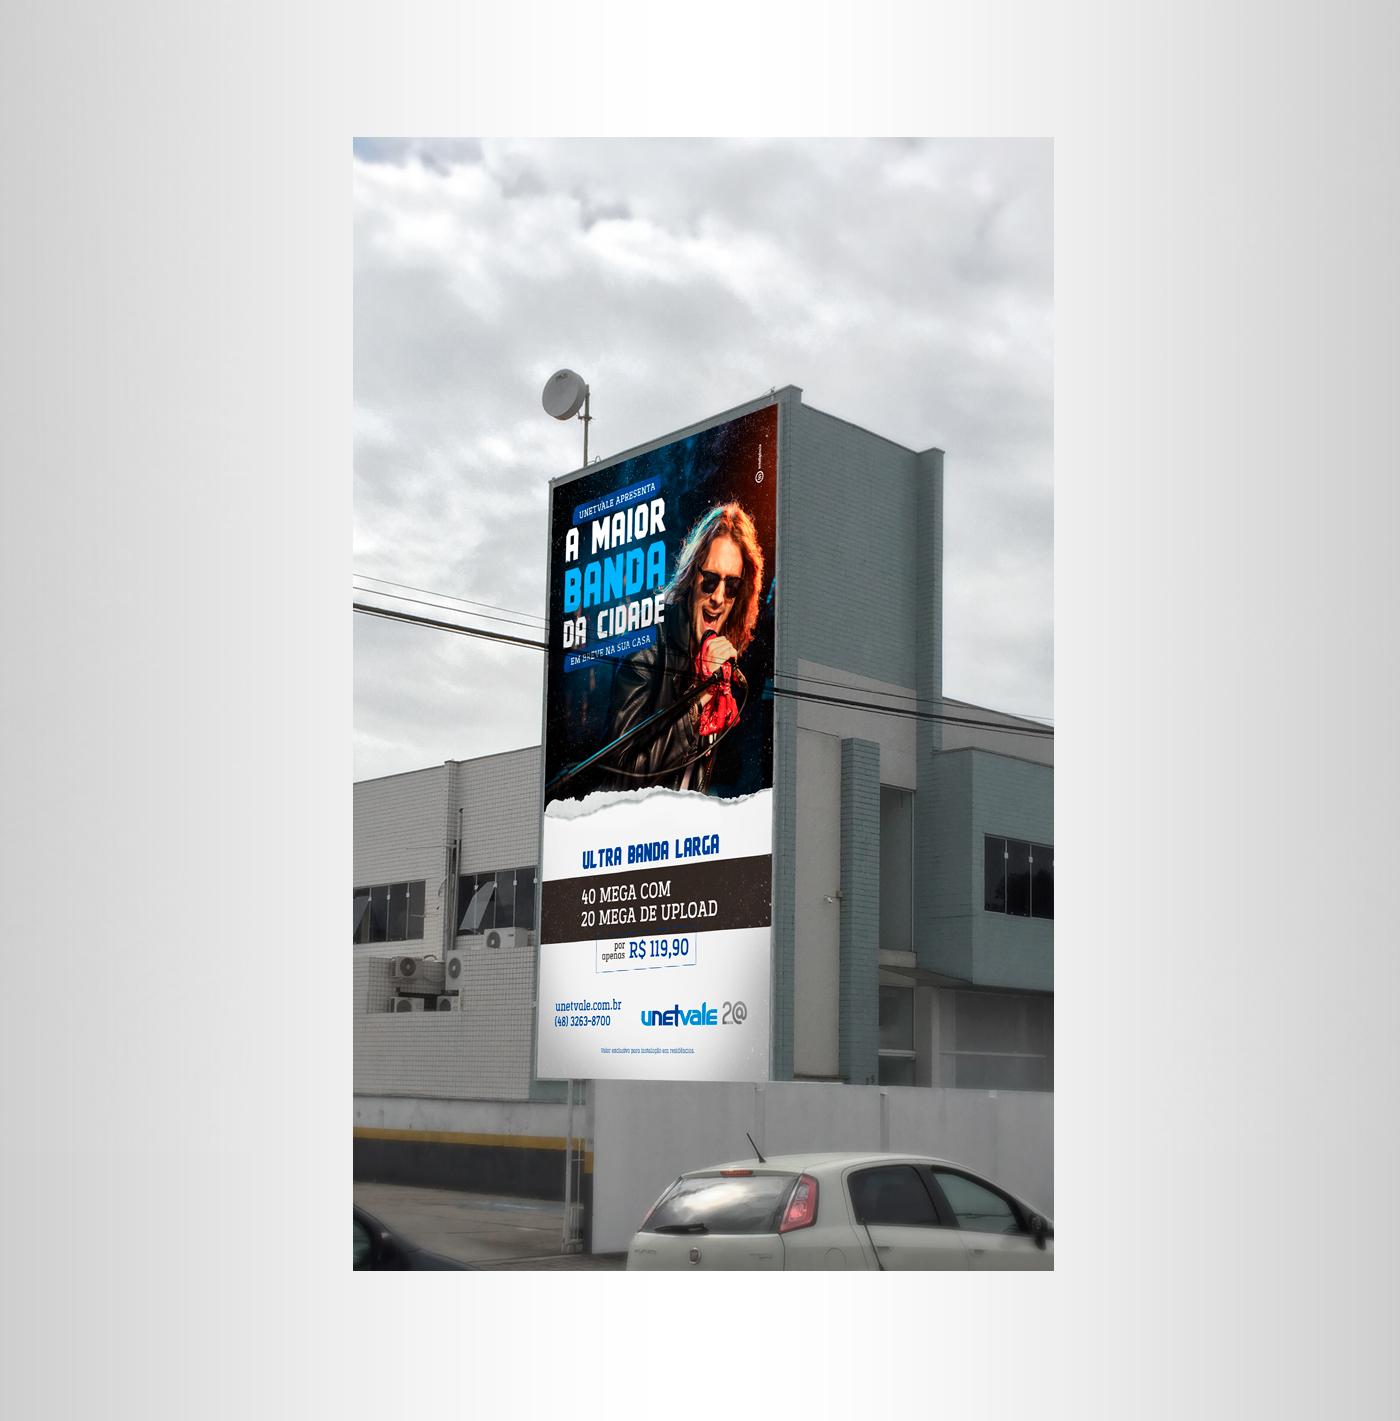 Inteligencia Marketing - UNETVALE – A MAIOR BANDA DA CIDADE - 59d64753995771.59494e2bafd50